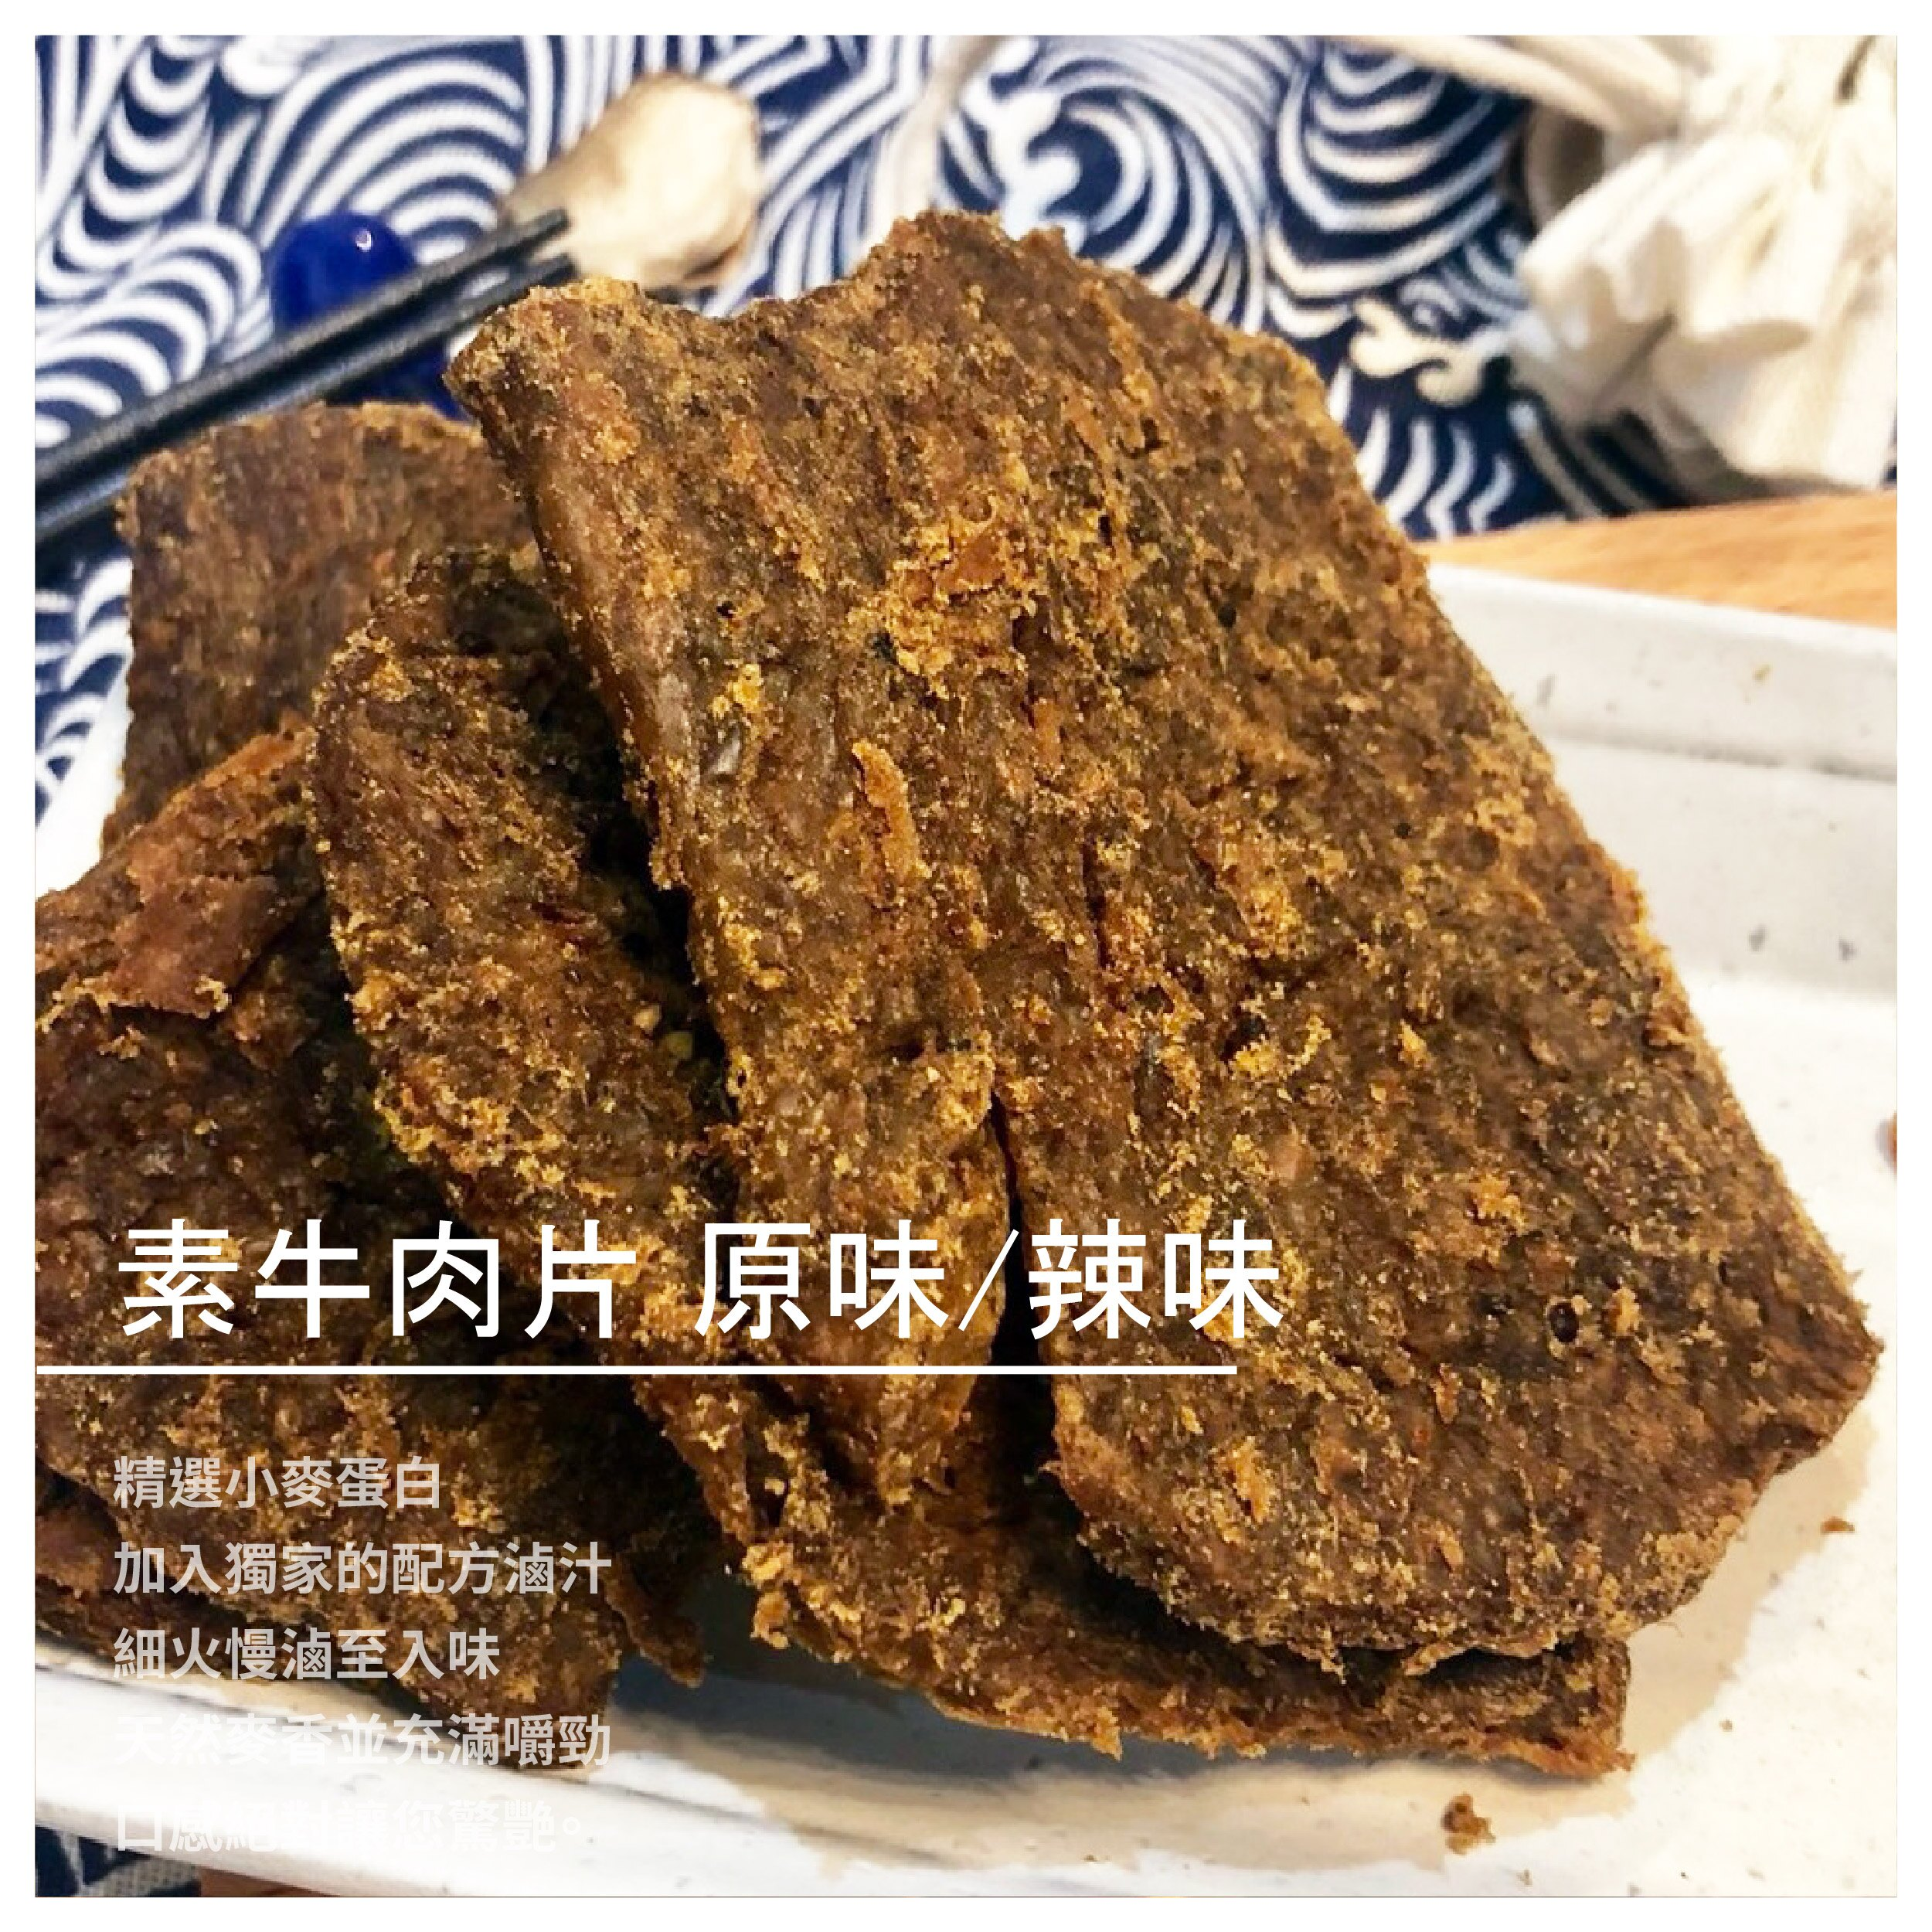 【邑昌食品】素牛肉片 150g 原味/辣味